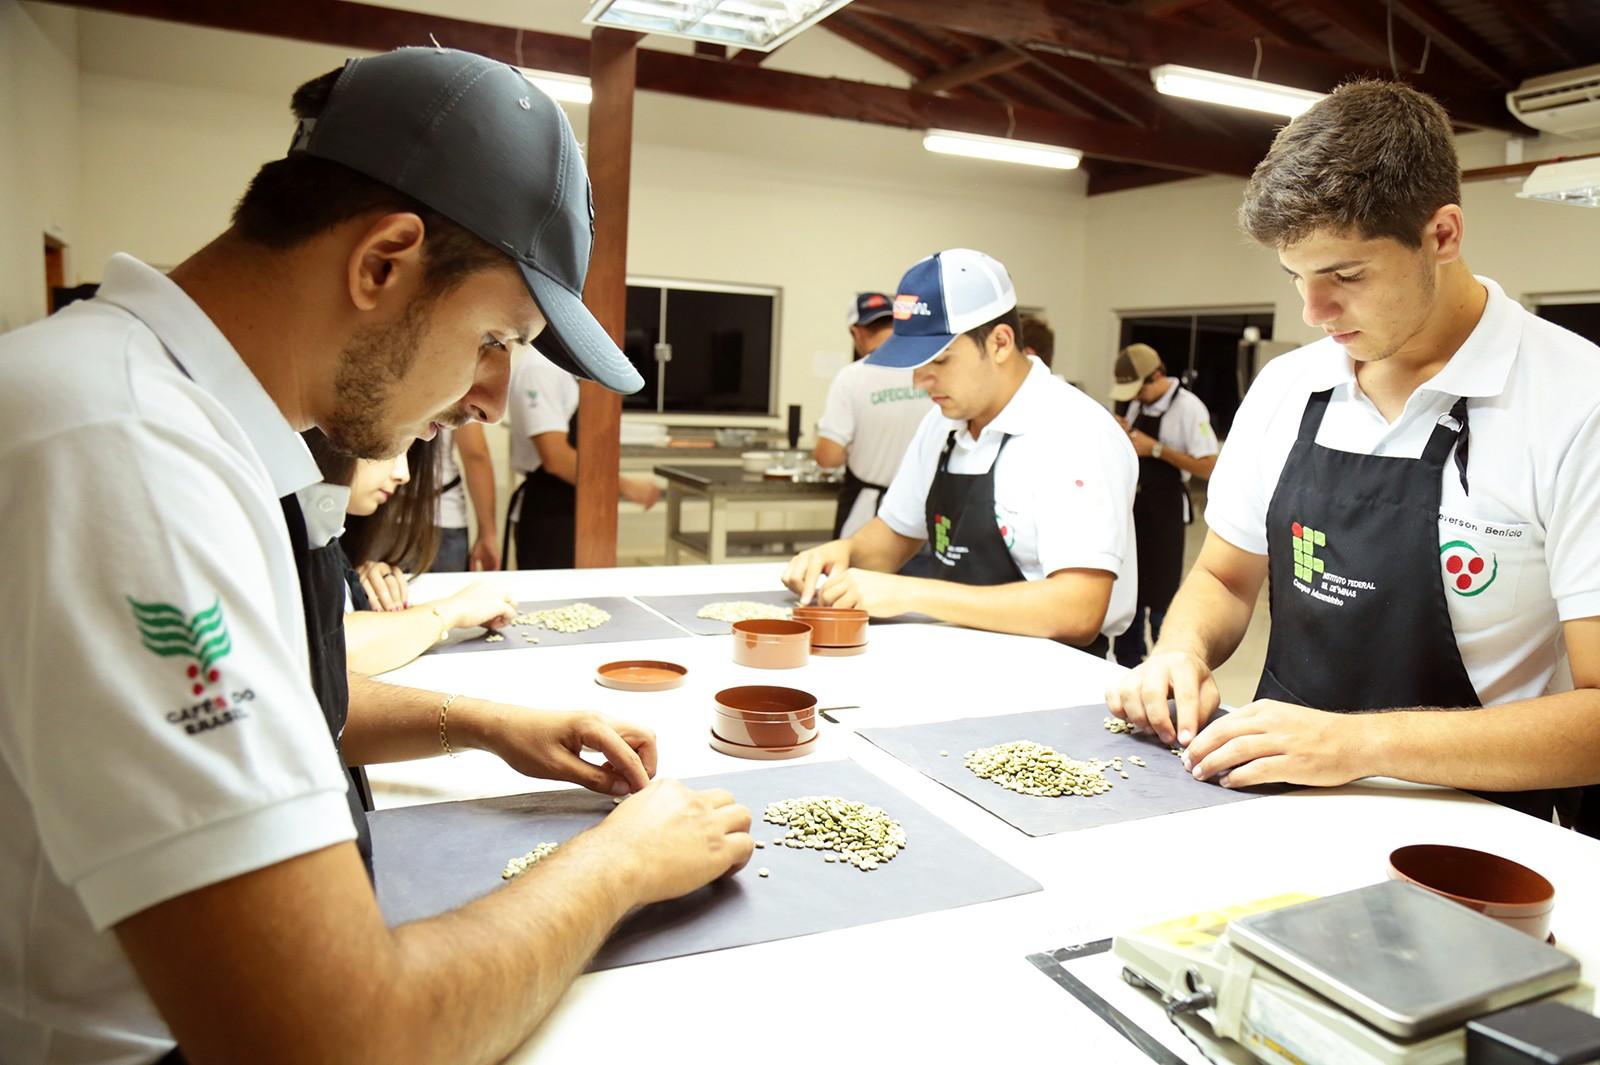 Alunos estudam toda a cadeia produtiva do café até a comercialização (Foto: Viola Júnior)